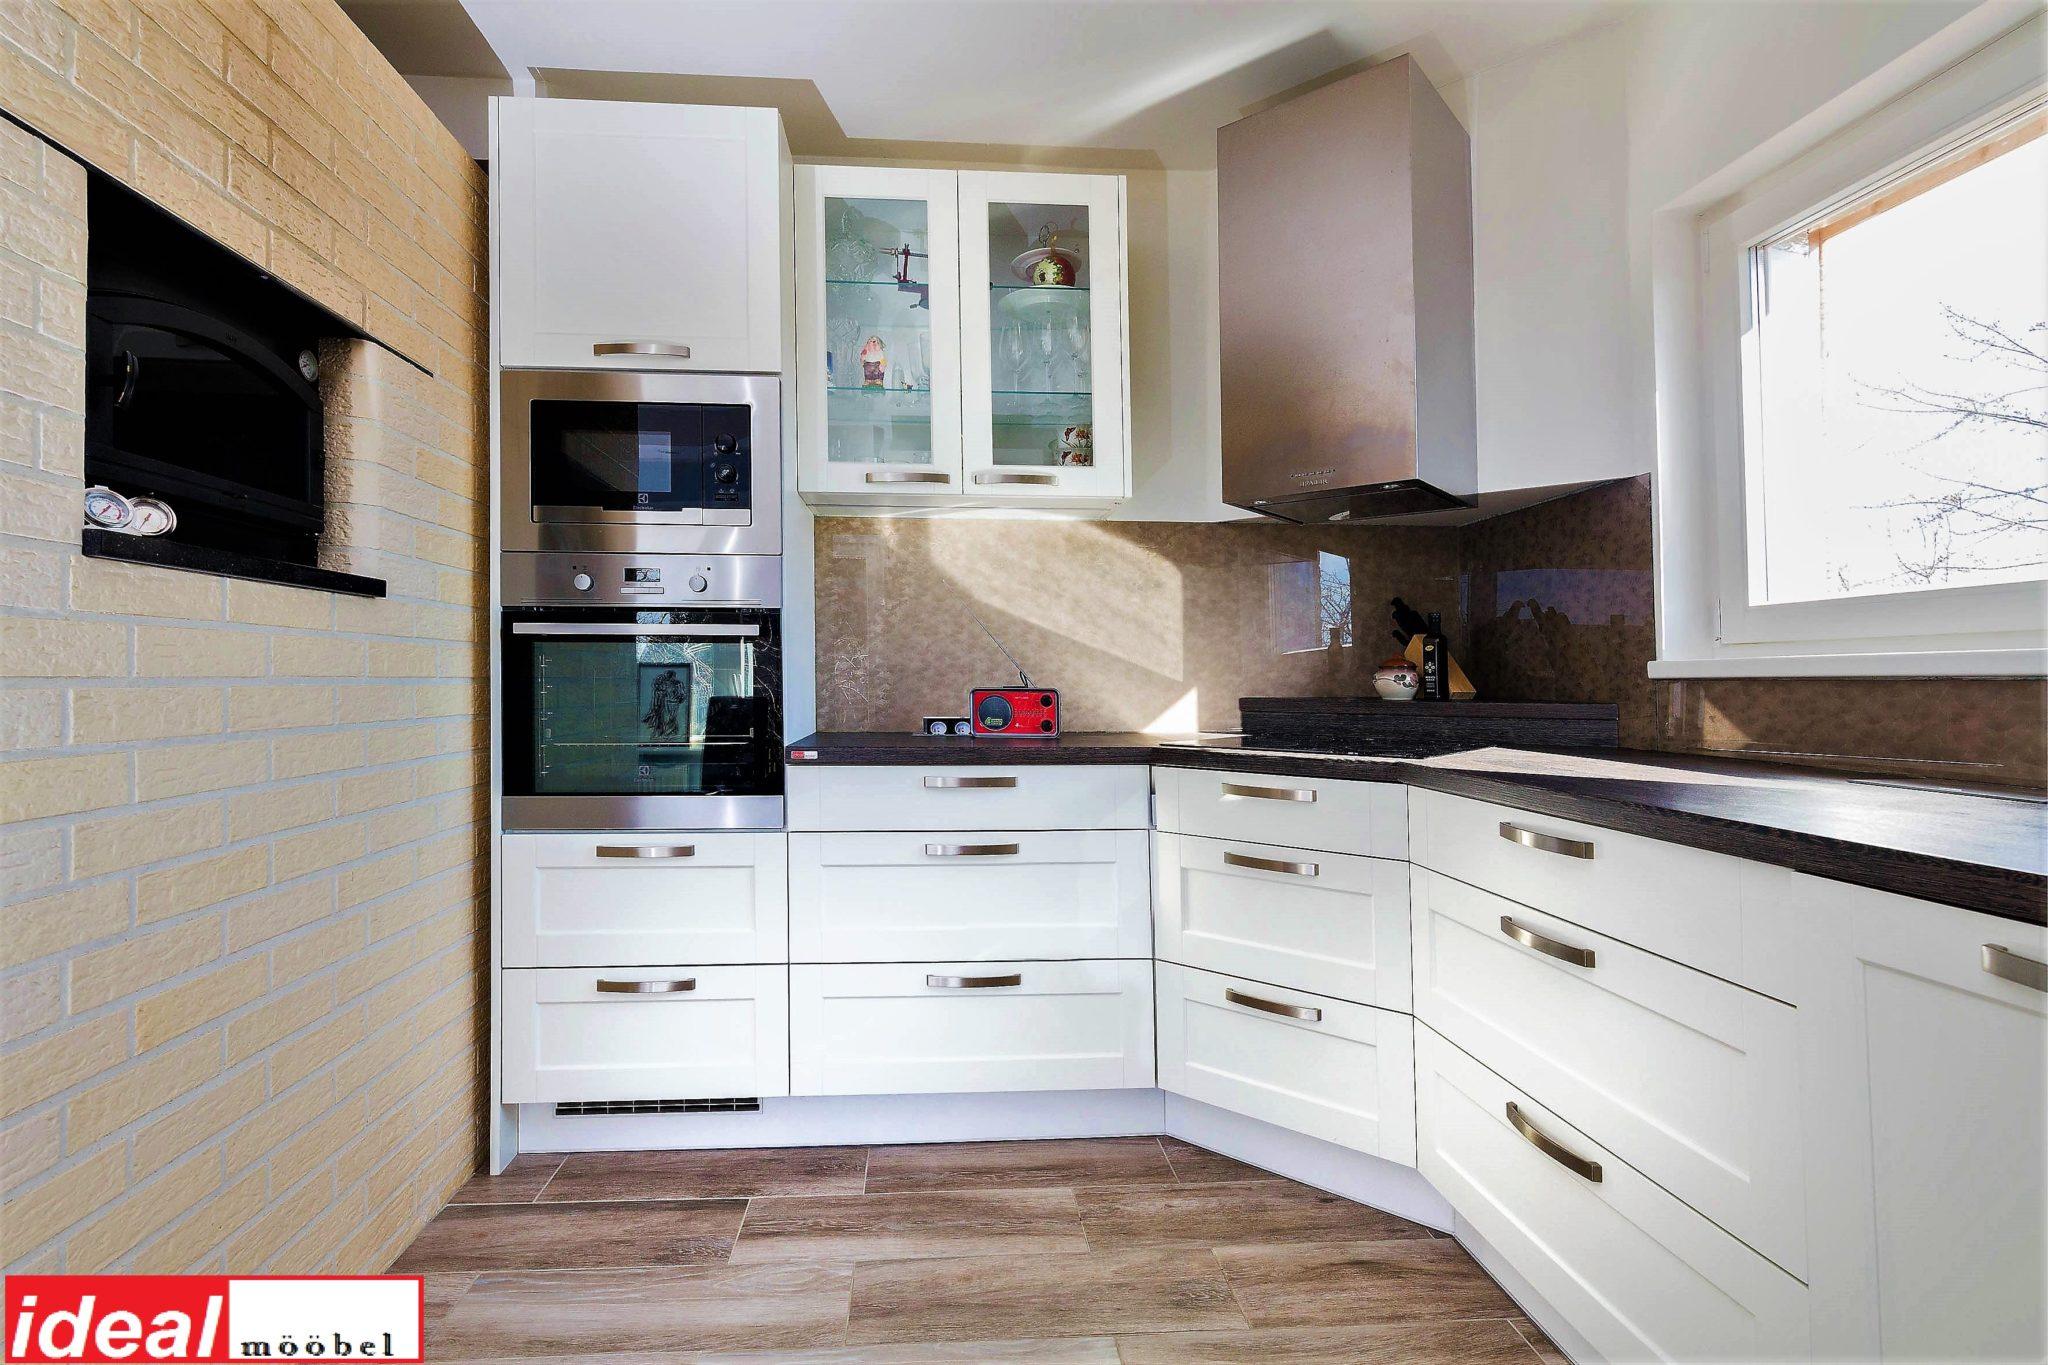 Raamustega (uksetüüp MDF3) köögimööbel